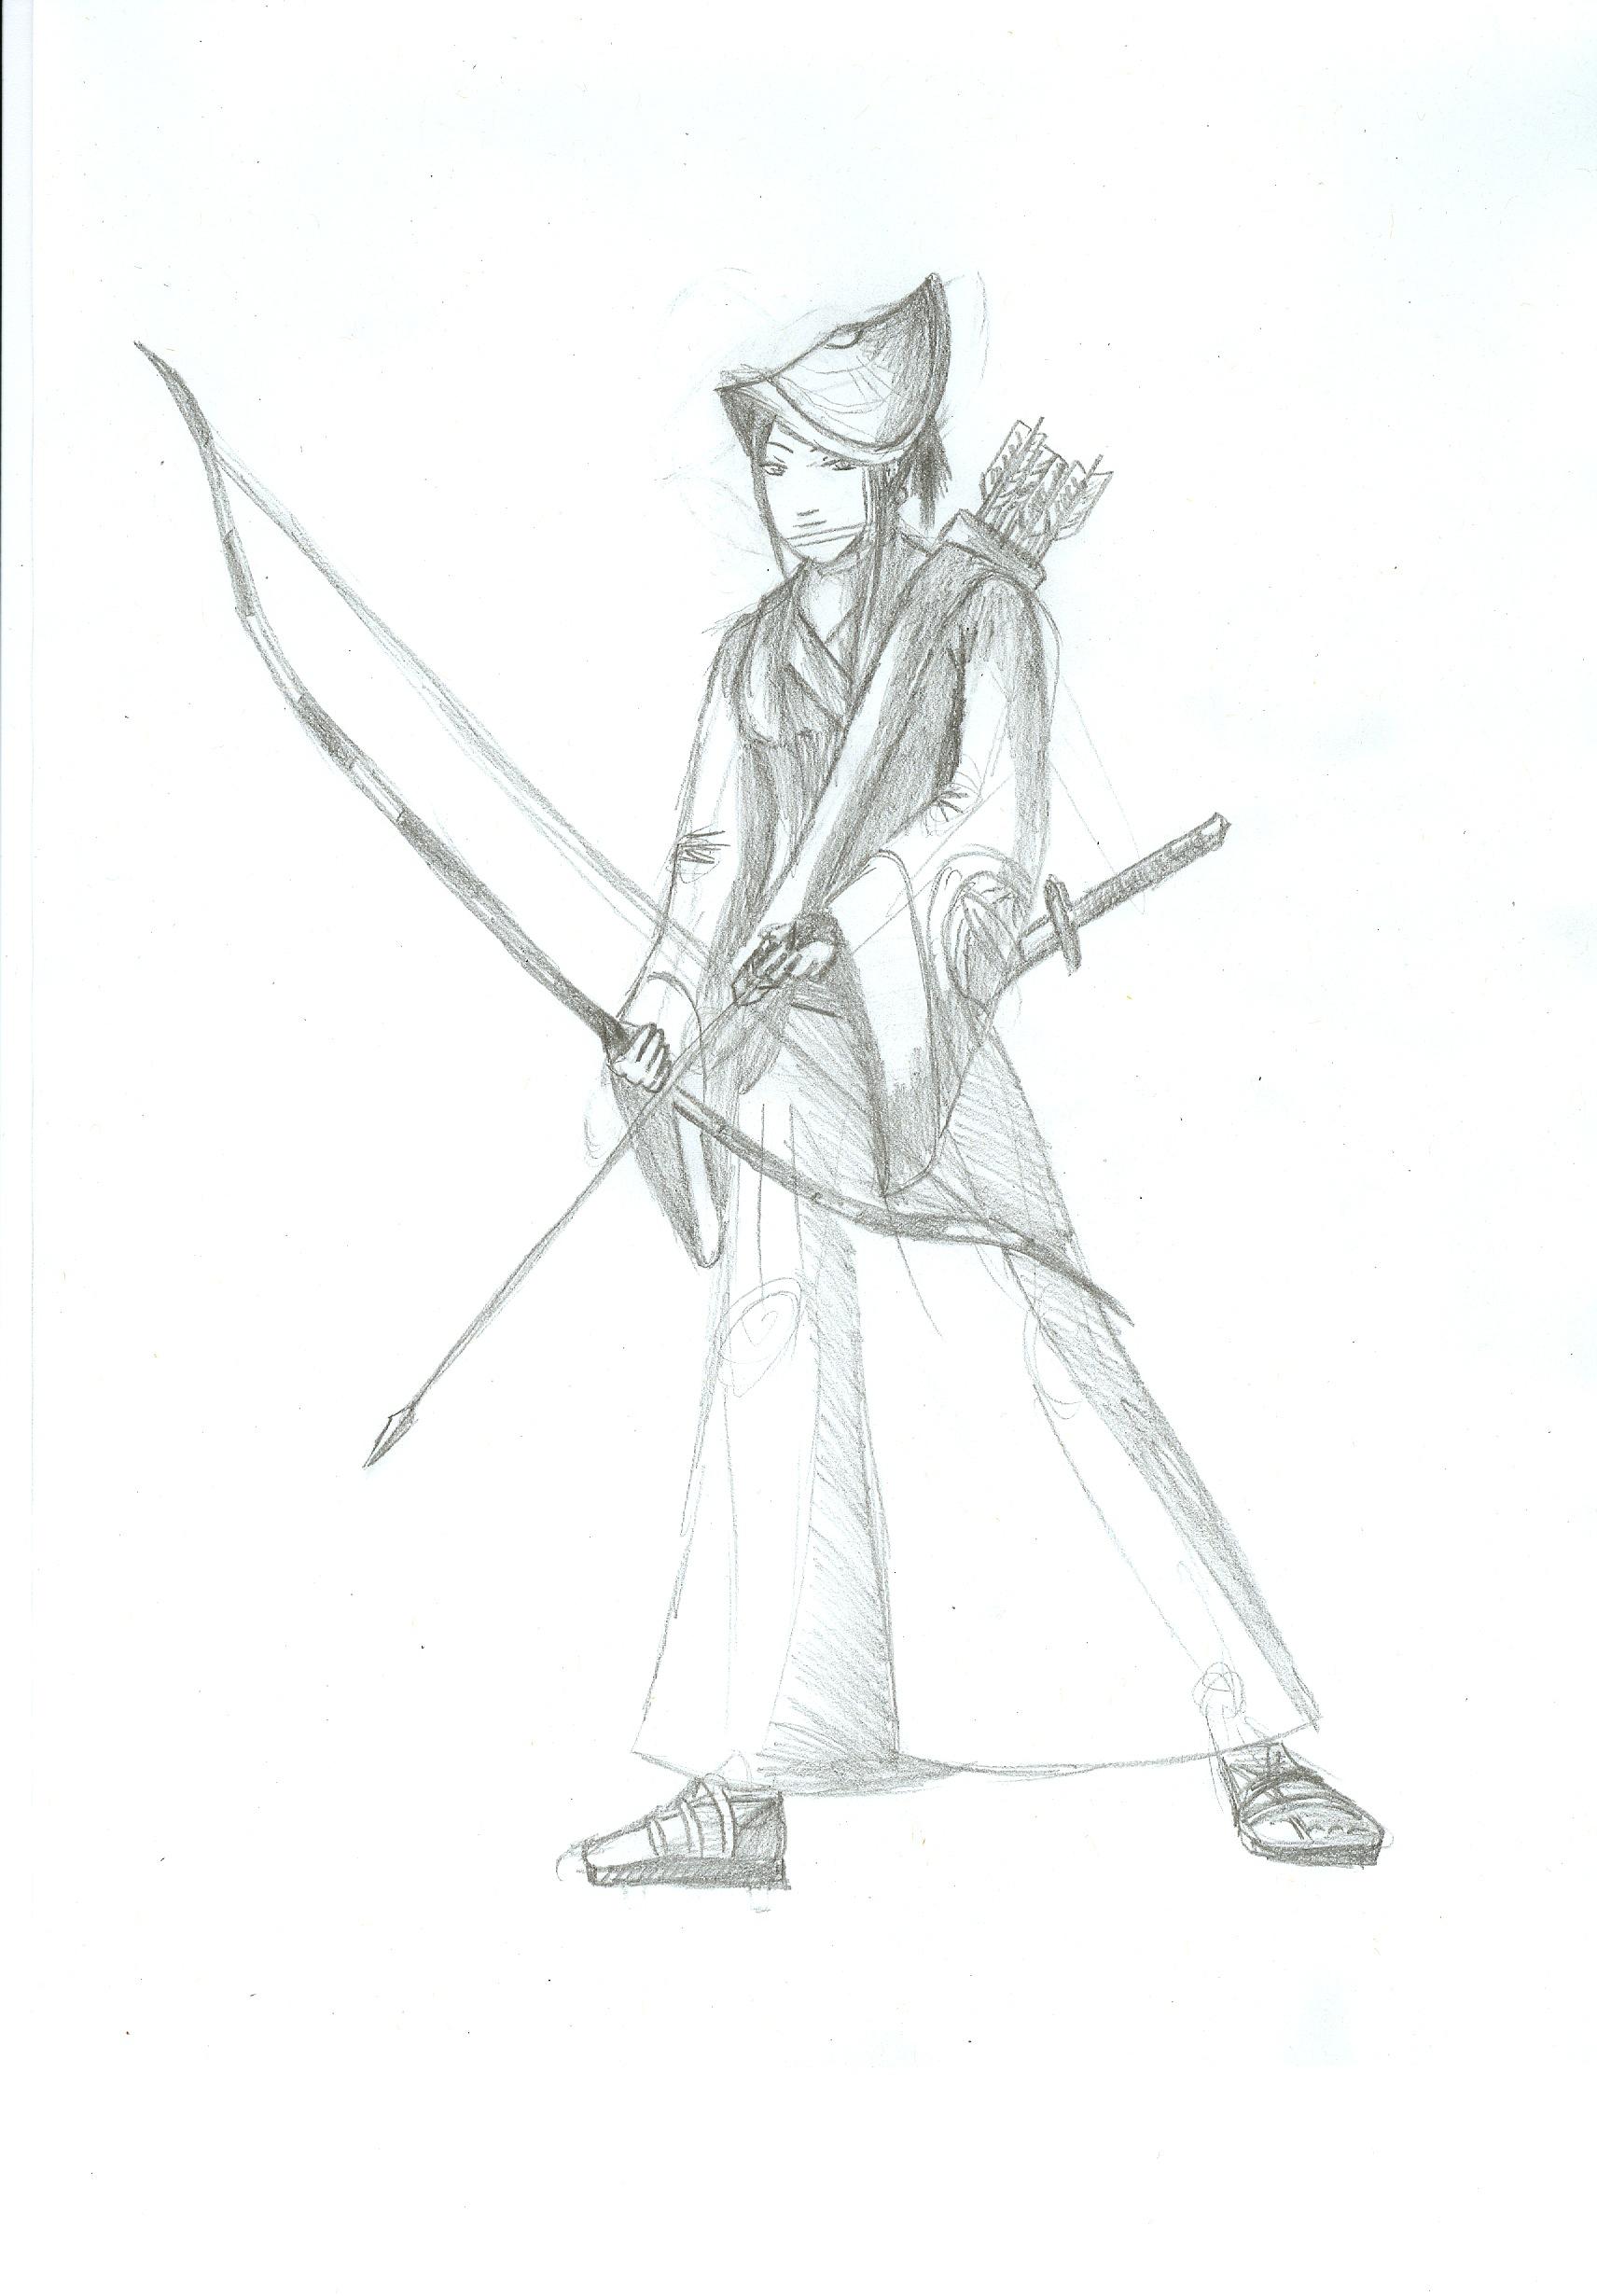 Drawn samurai archer Aneirin Aneirin  on Aryon